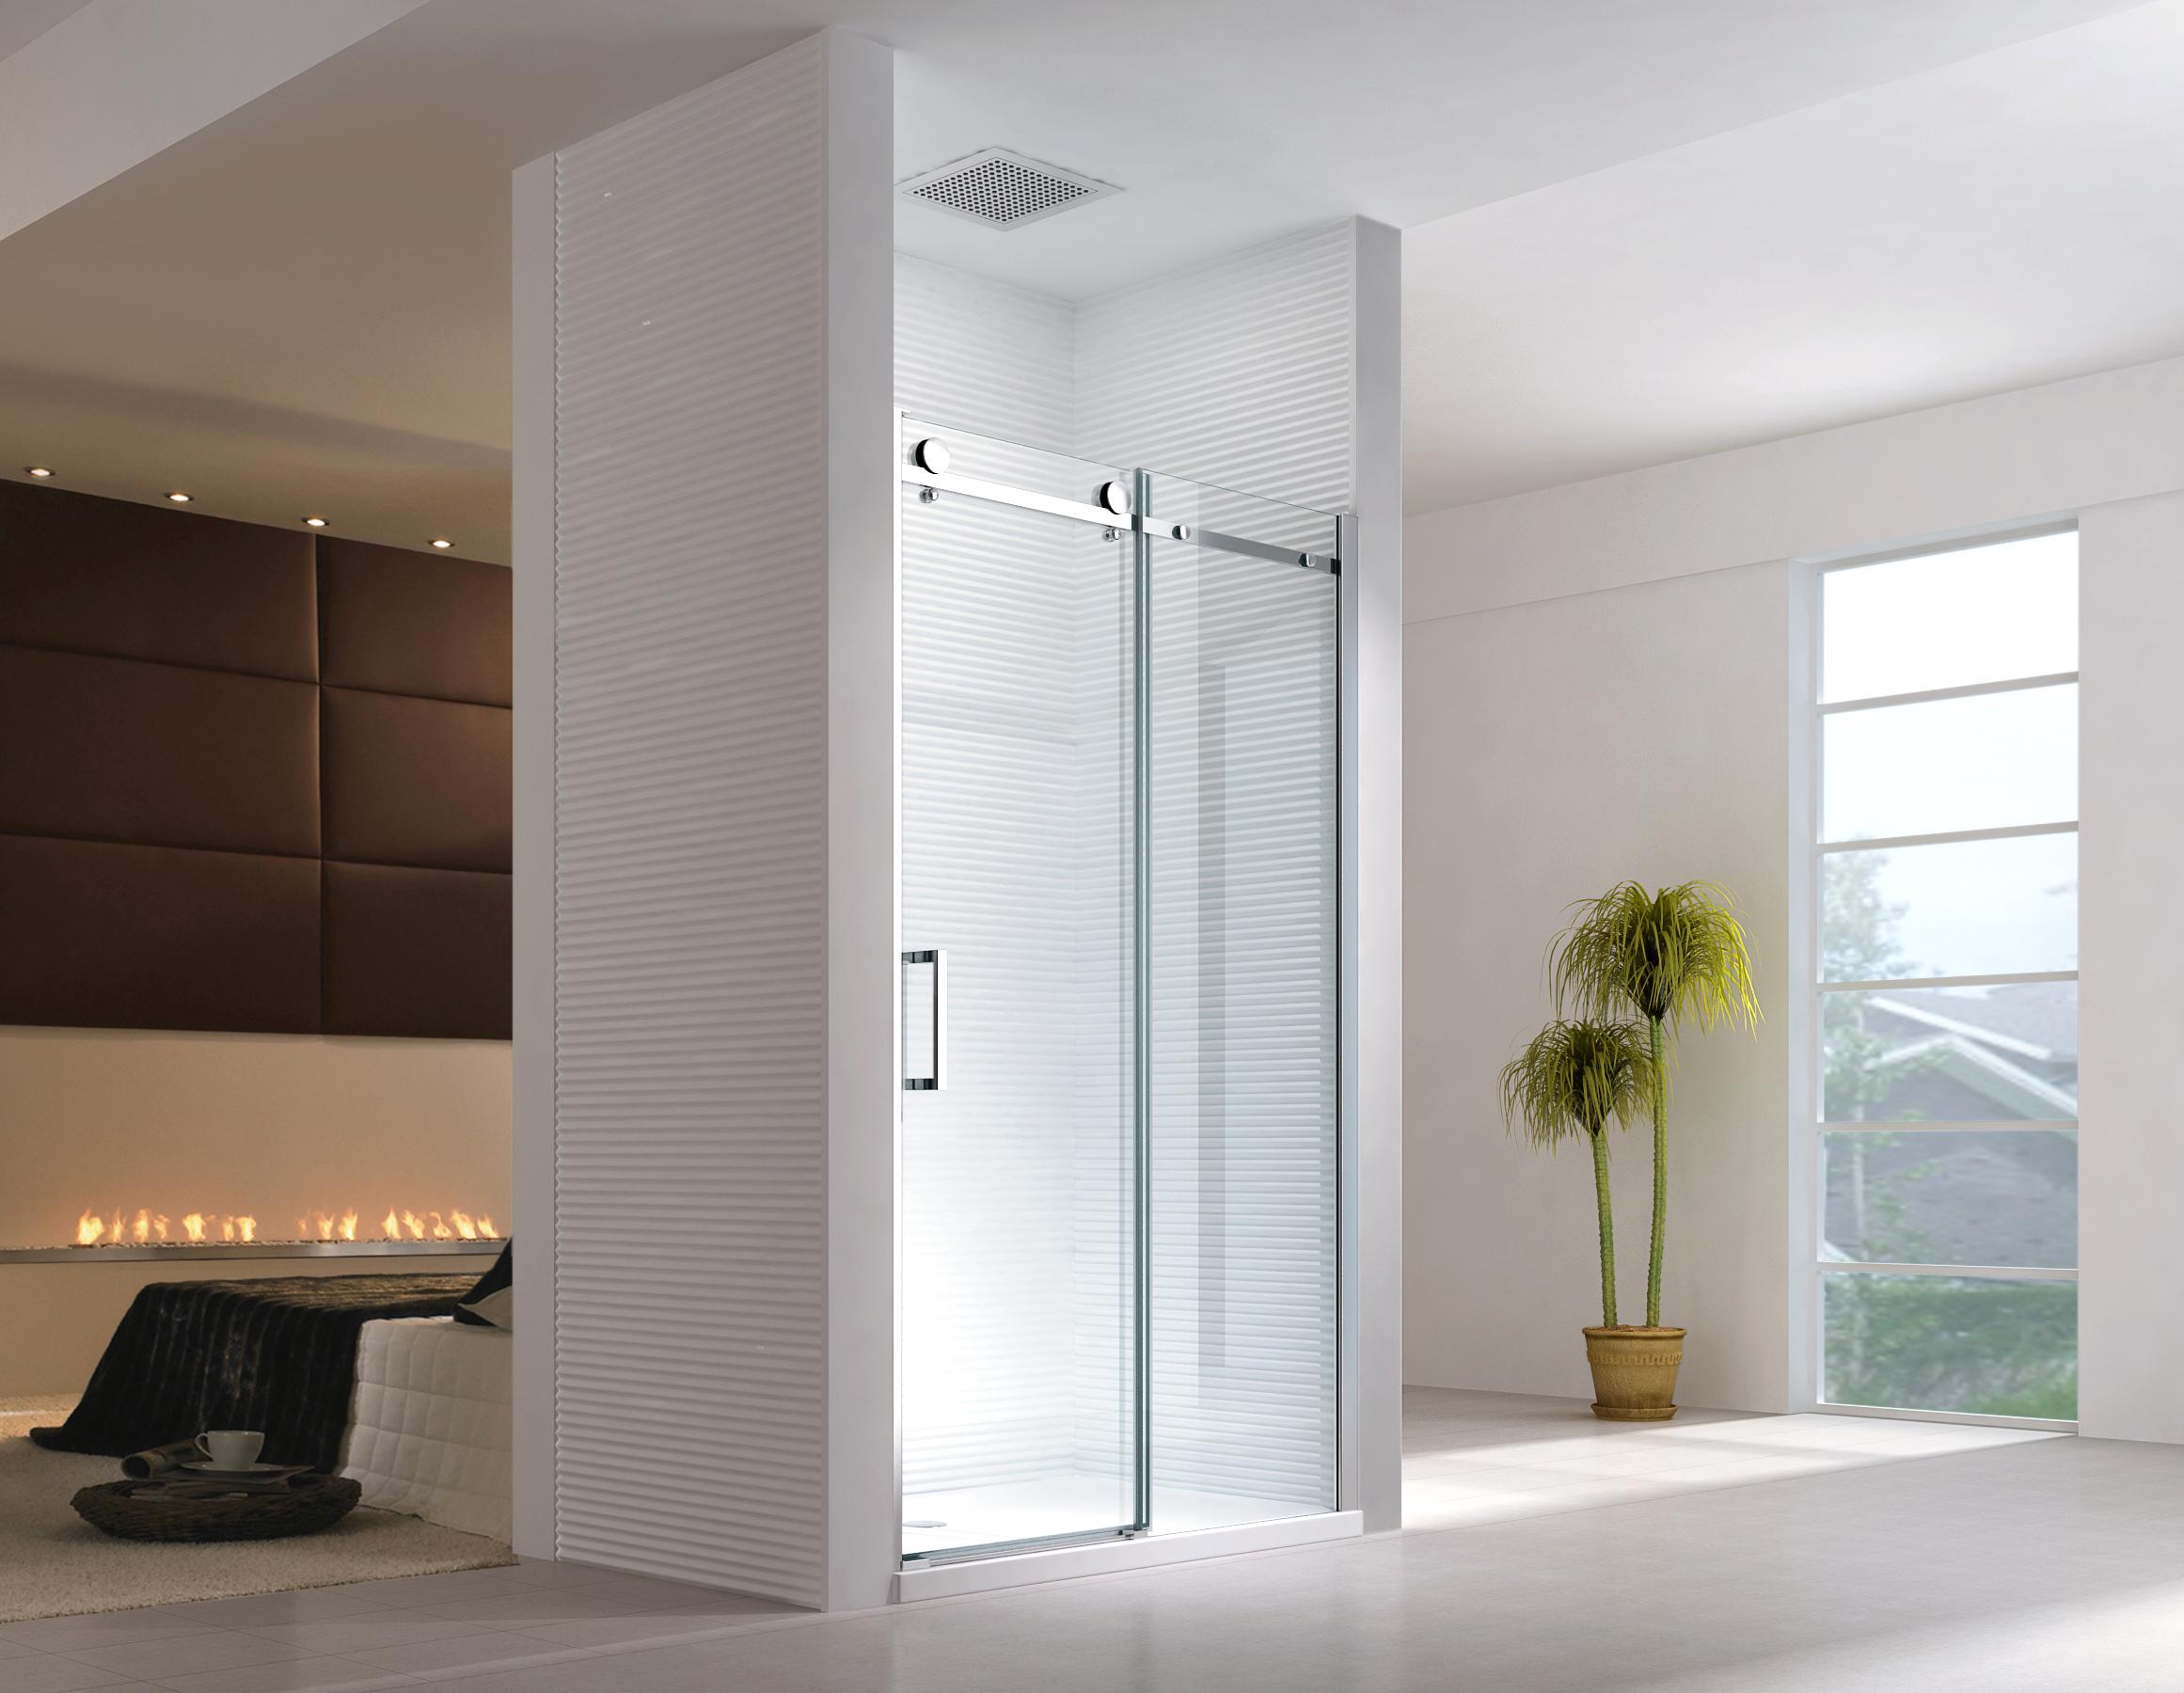 Porta nicchia cabina doccia senza un piatto doccia ebay - Doccia senza piatto doccia ...